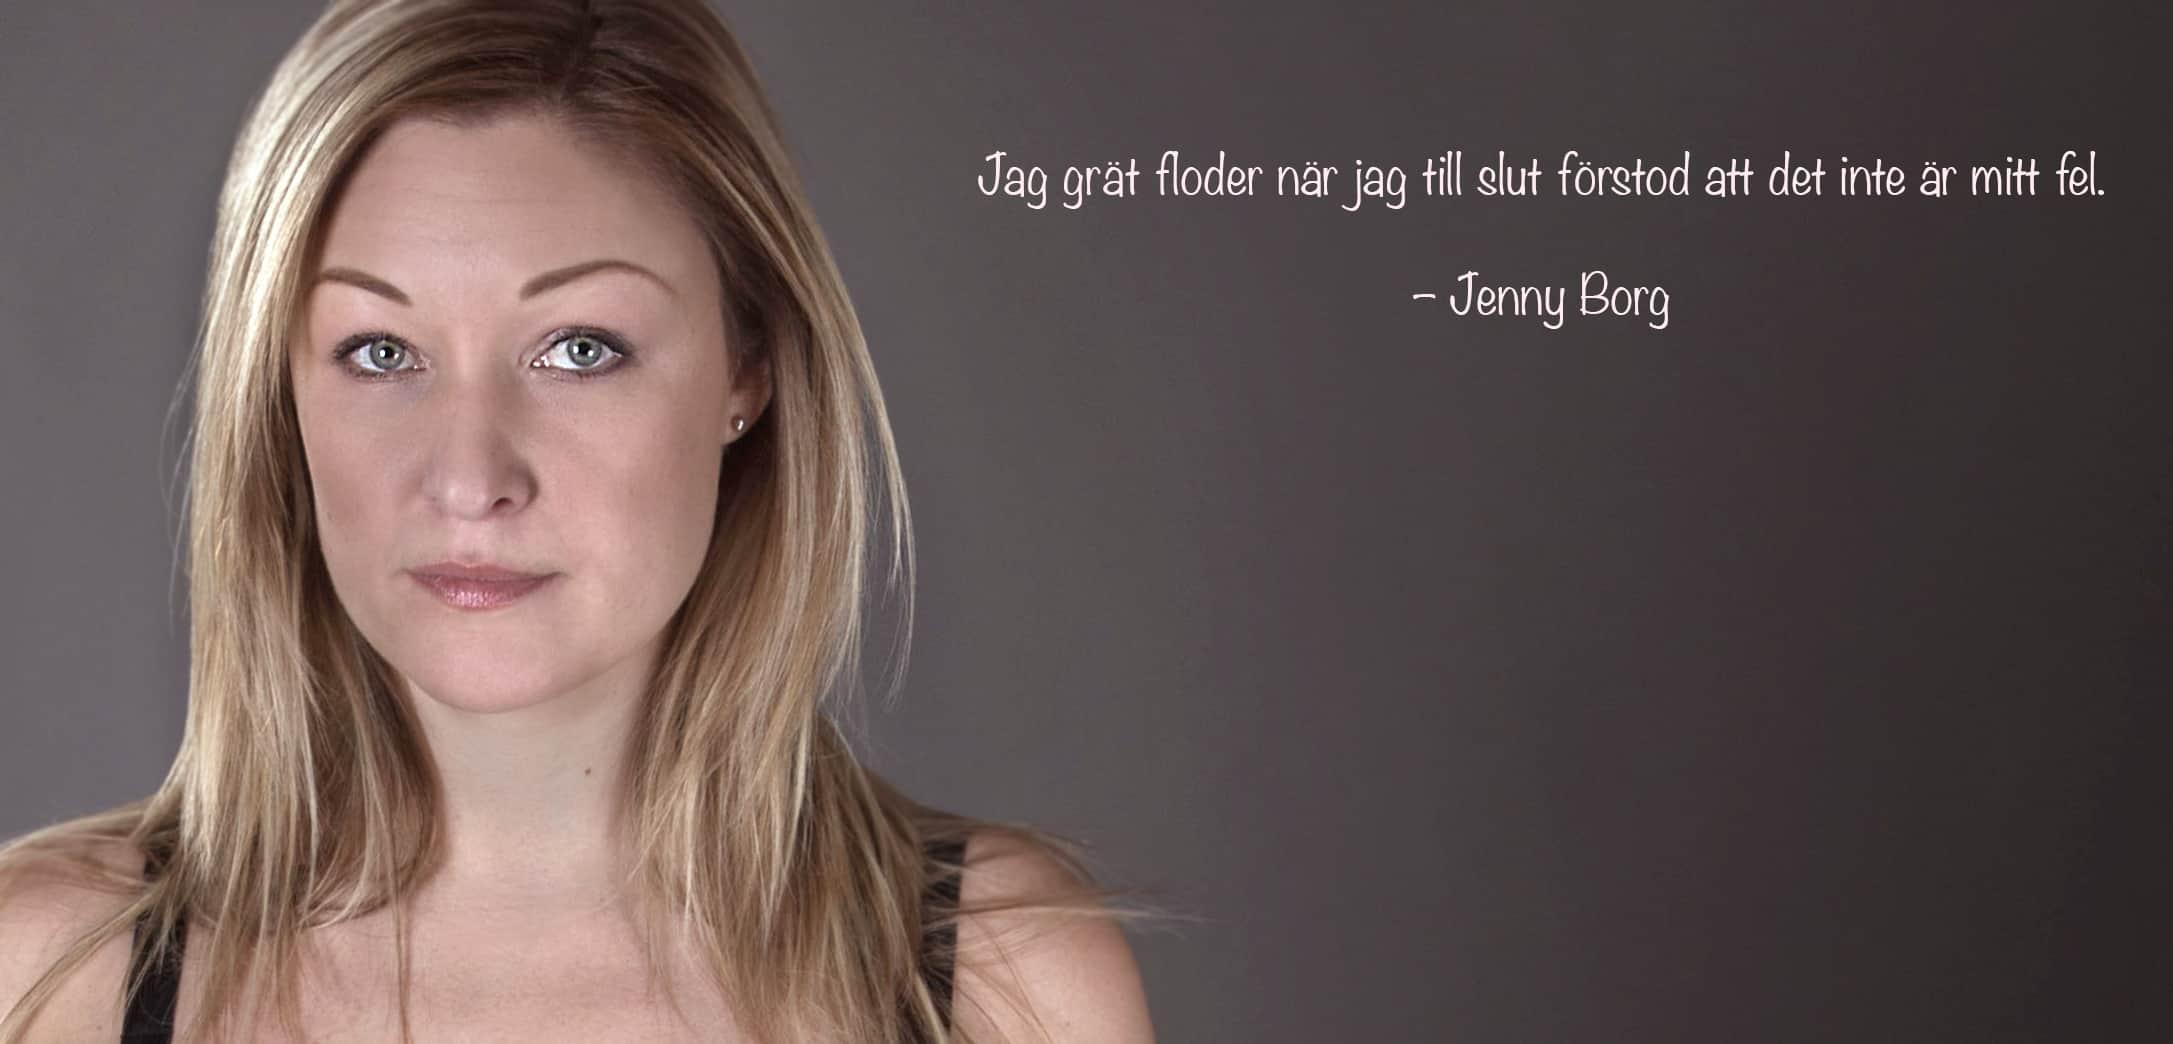 Jenny Borg citat: Jag grät floder när jag till slut förstod att det inte är mitt fel.